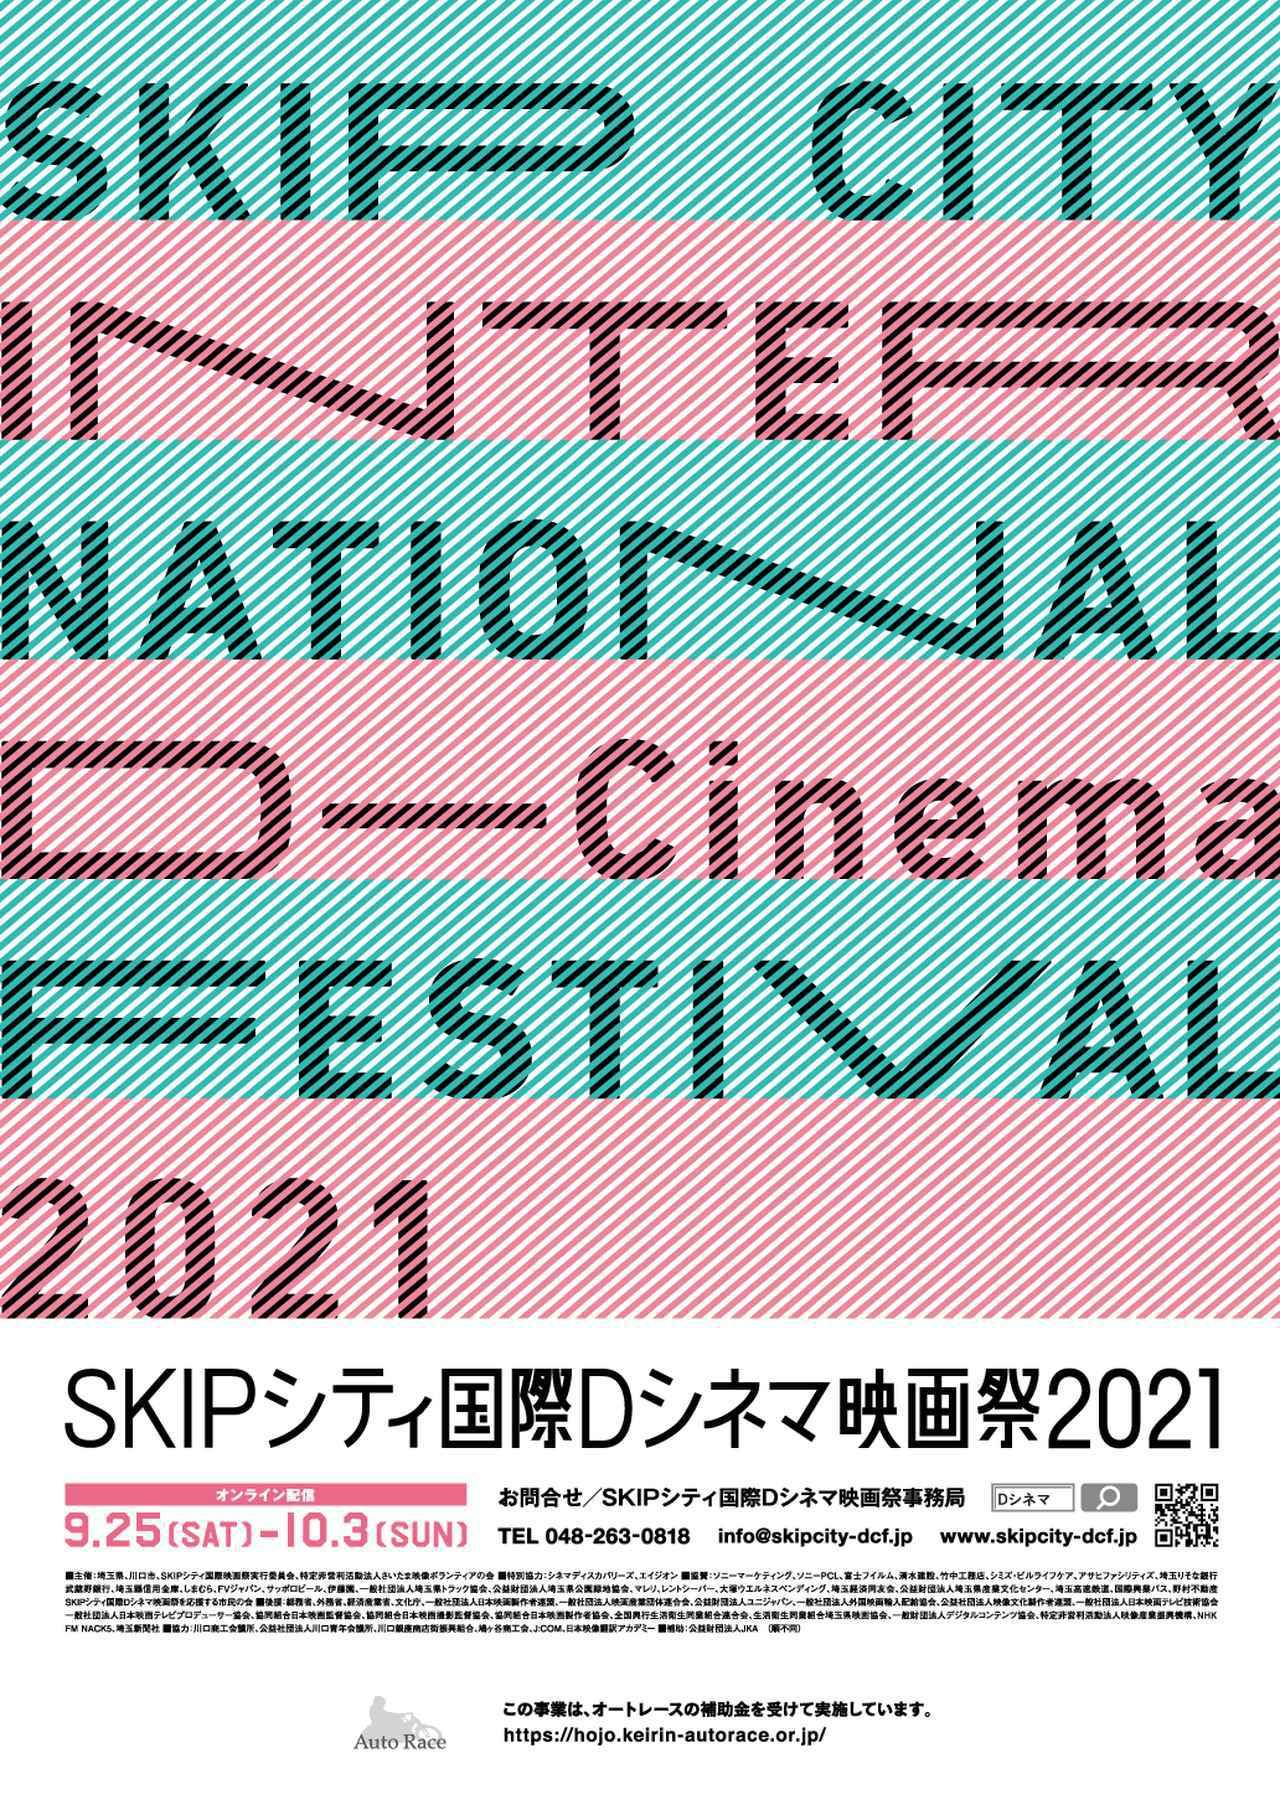 画像2: マルタ映画『ルッツ』がグランプリ受賞!! 国内コンペティションは史上初の長編、短編部門ともに優秀作品賞と観客賞のW受賞!SKIPシティ国際Dシネマ映画祭2021